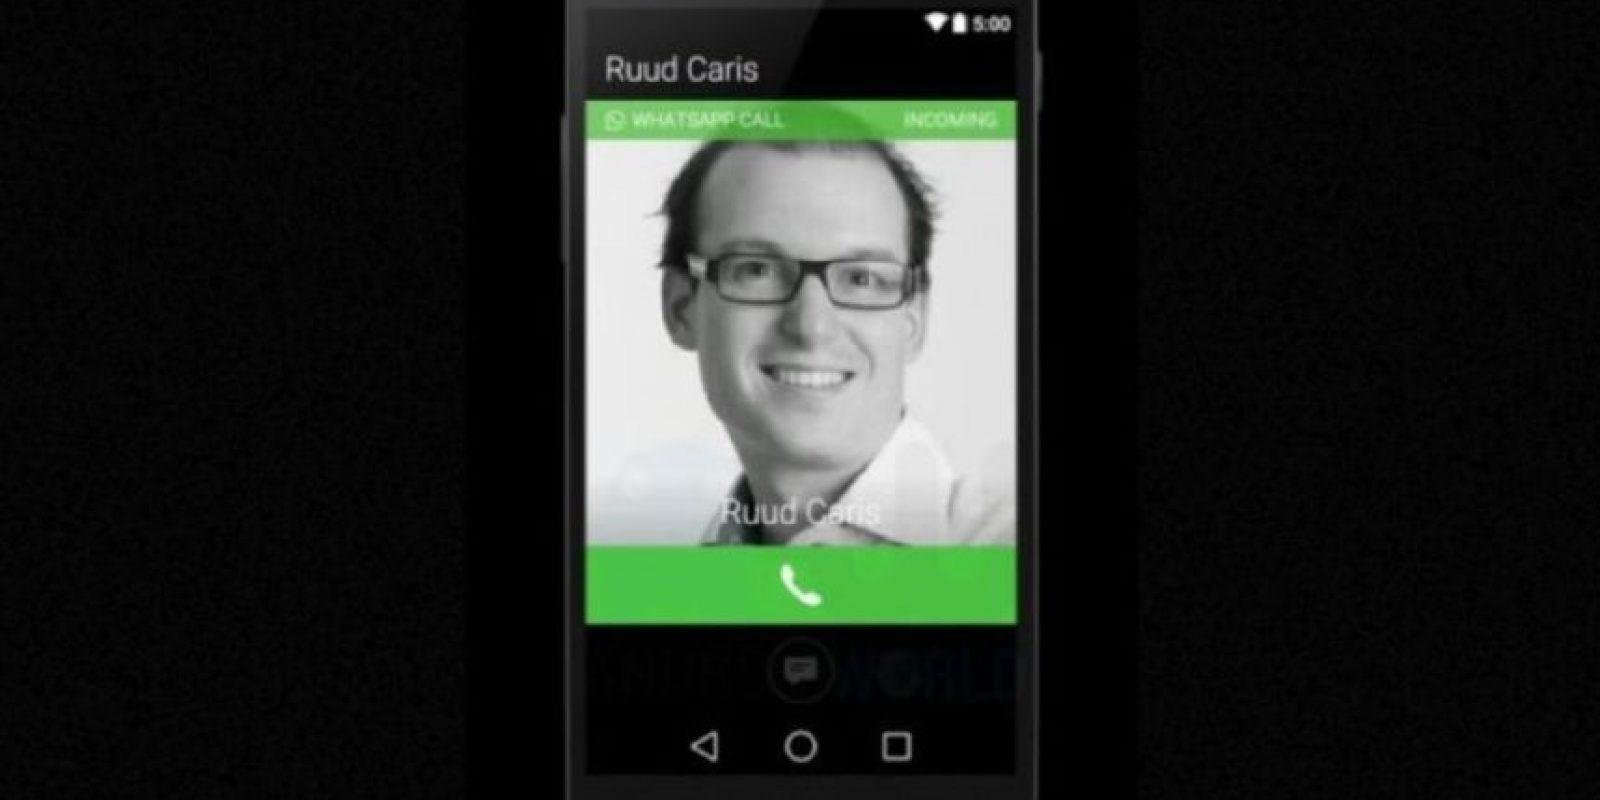 Así se ve la pantalla cuando están llamando. Foto:Android World